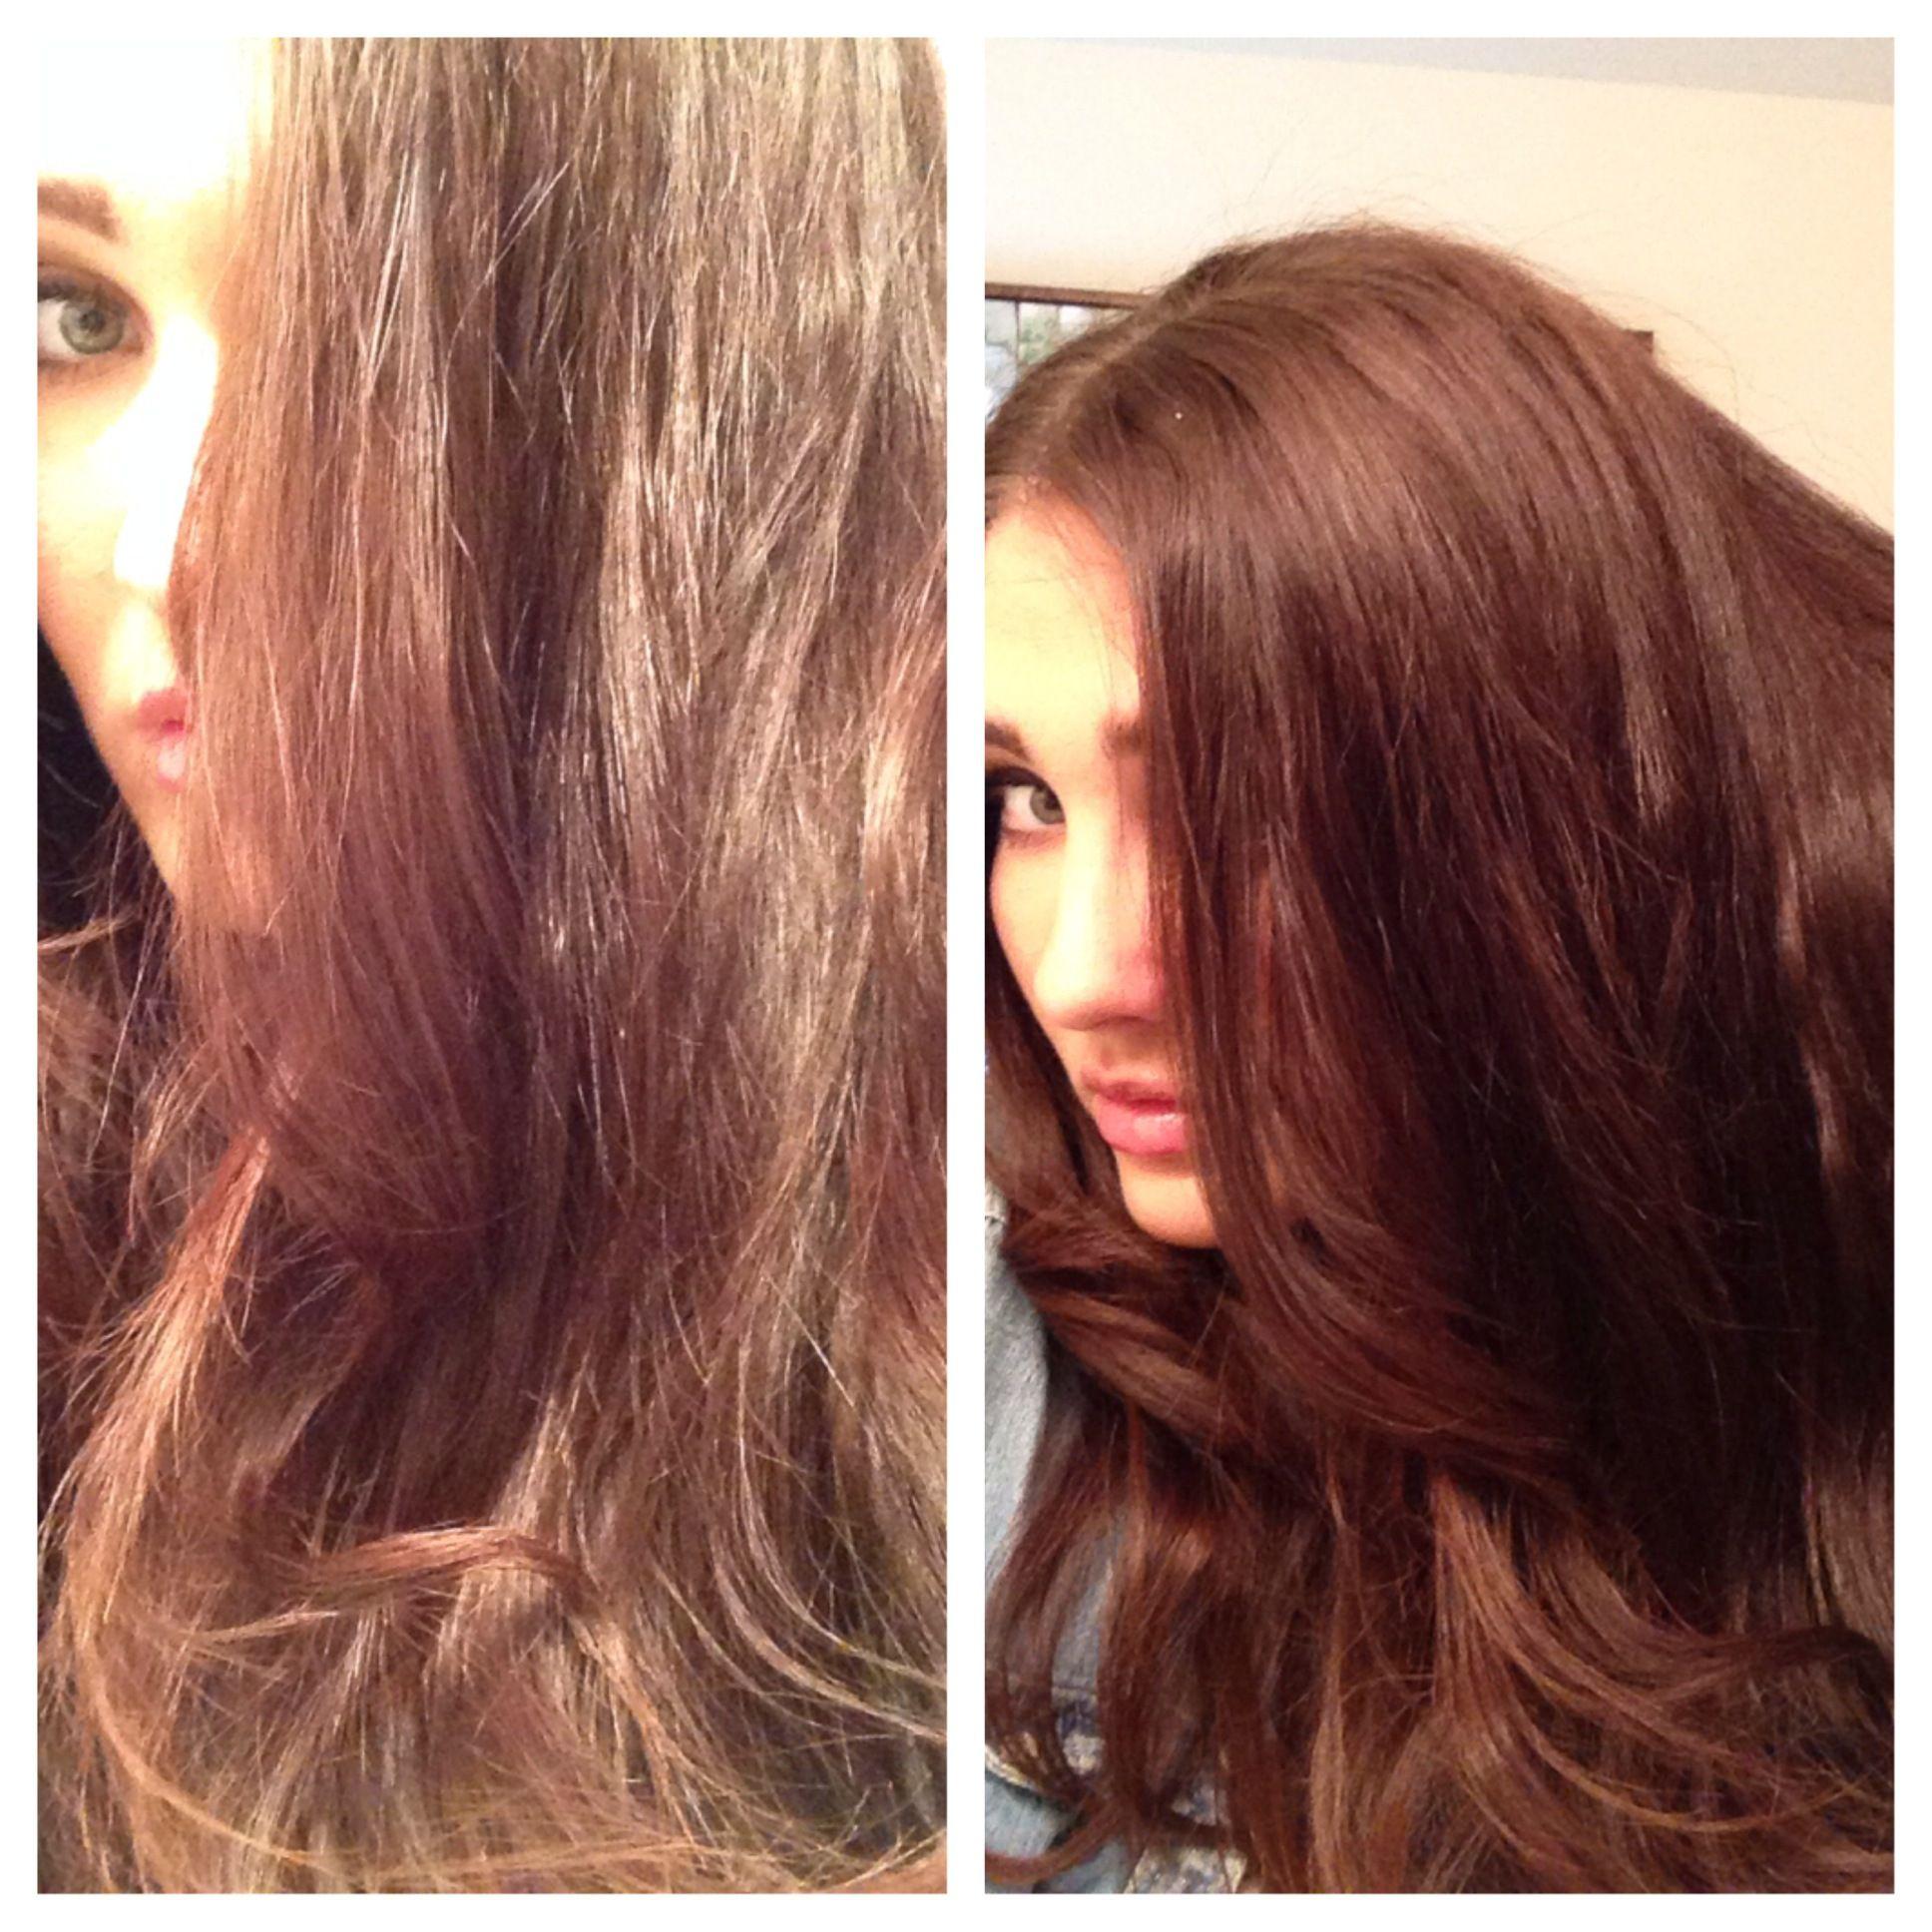 Coloring Hair with Henna | Hair & Beauty | Pinterest | Henna hair ...